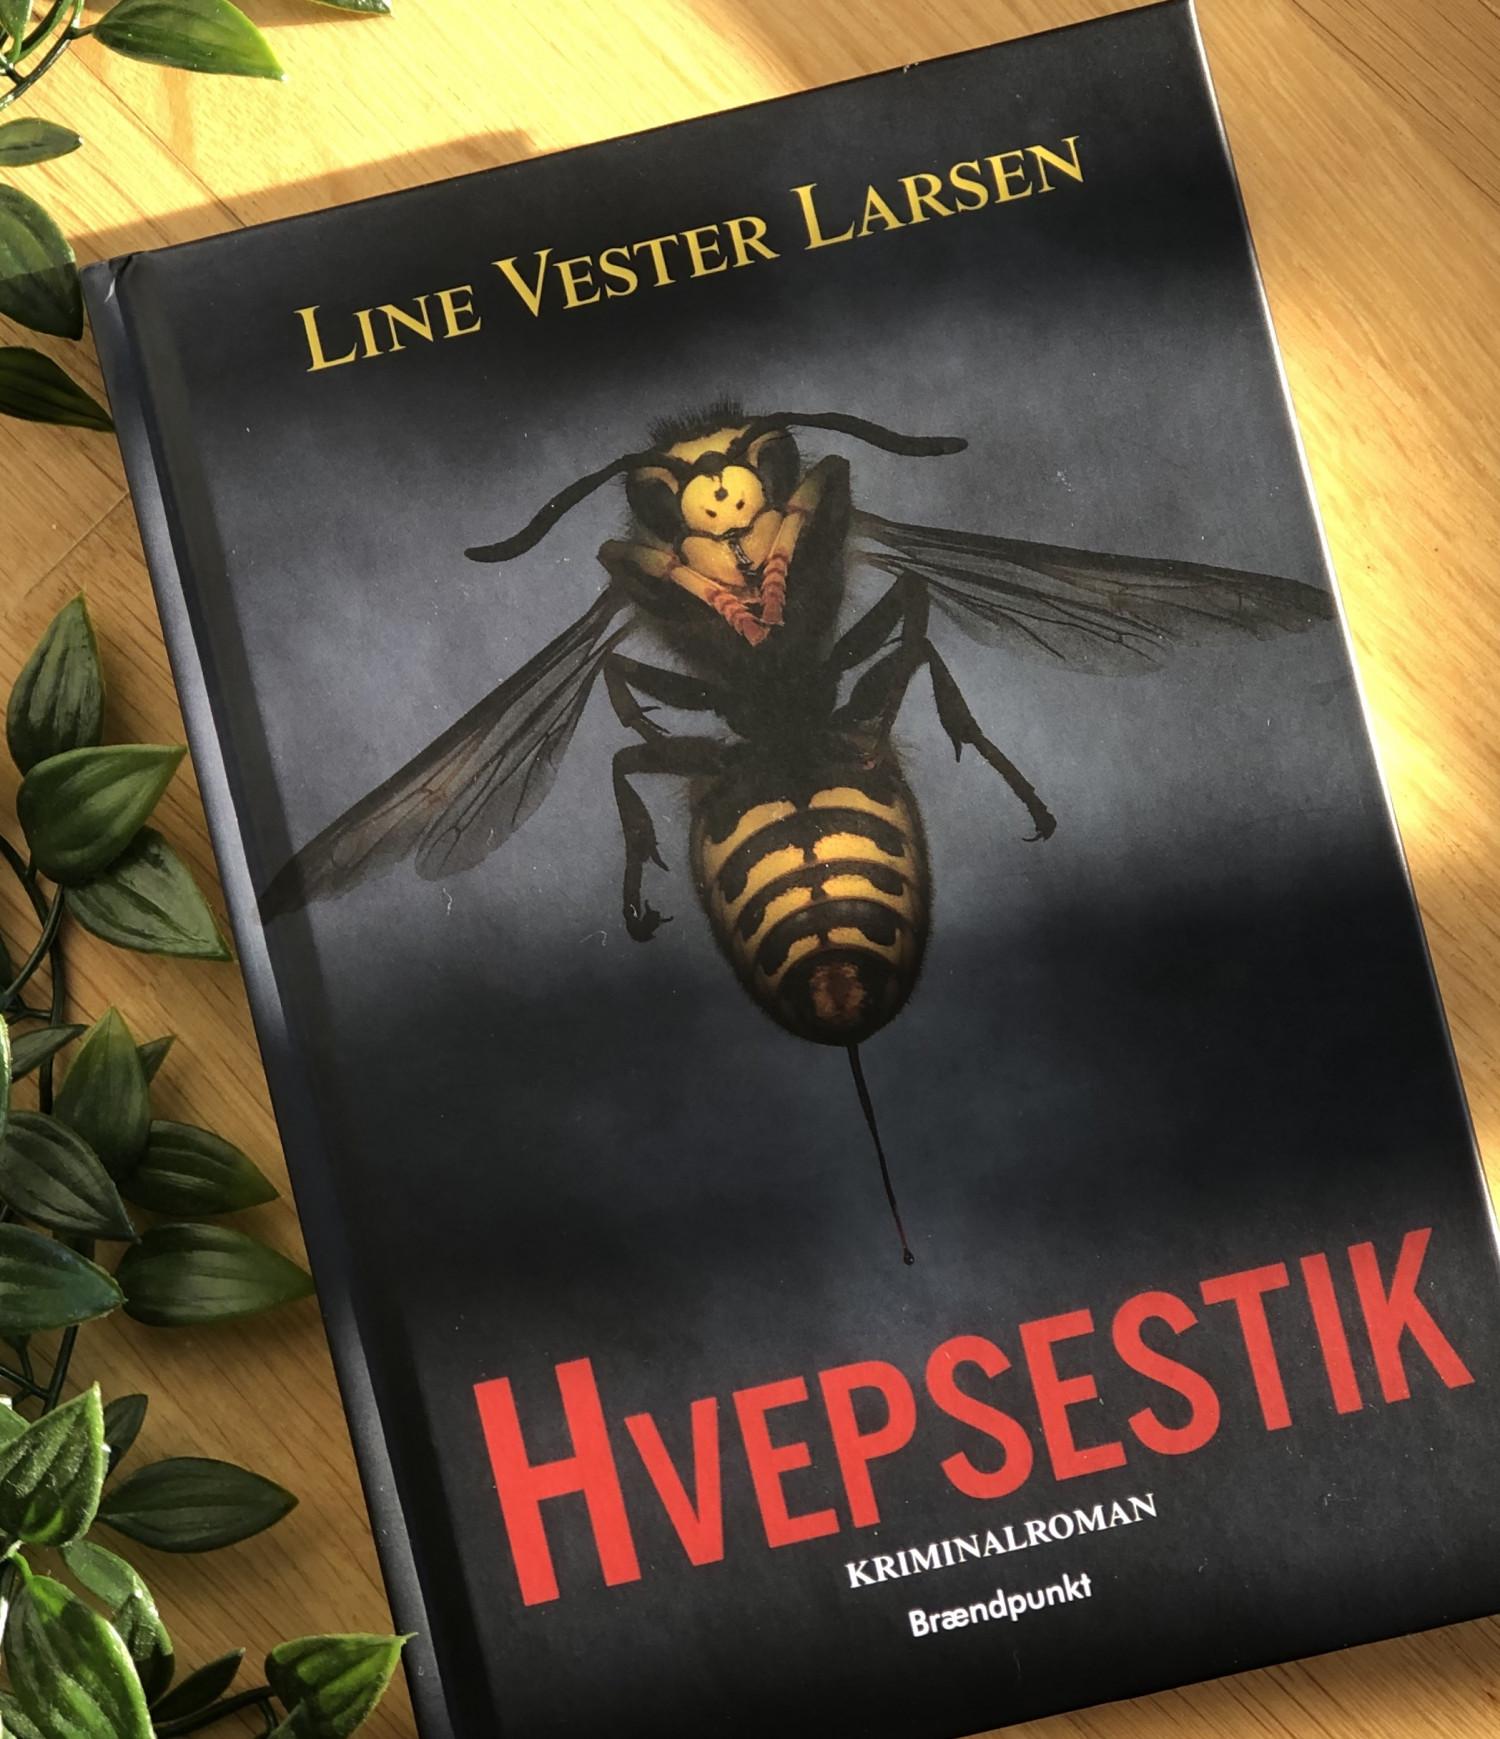 Hvepsestik, Line Vester Larsen, anmeldelse, boganmeldelse, forlaget Brændpunkt, krimidebutant, anmeldereksemplar, krummeskrummelurer, krummeskrummelurer.dk, Krummes Krummelurer